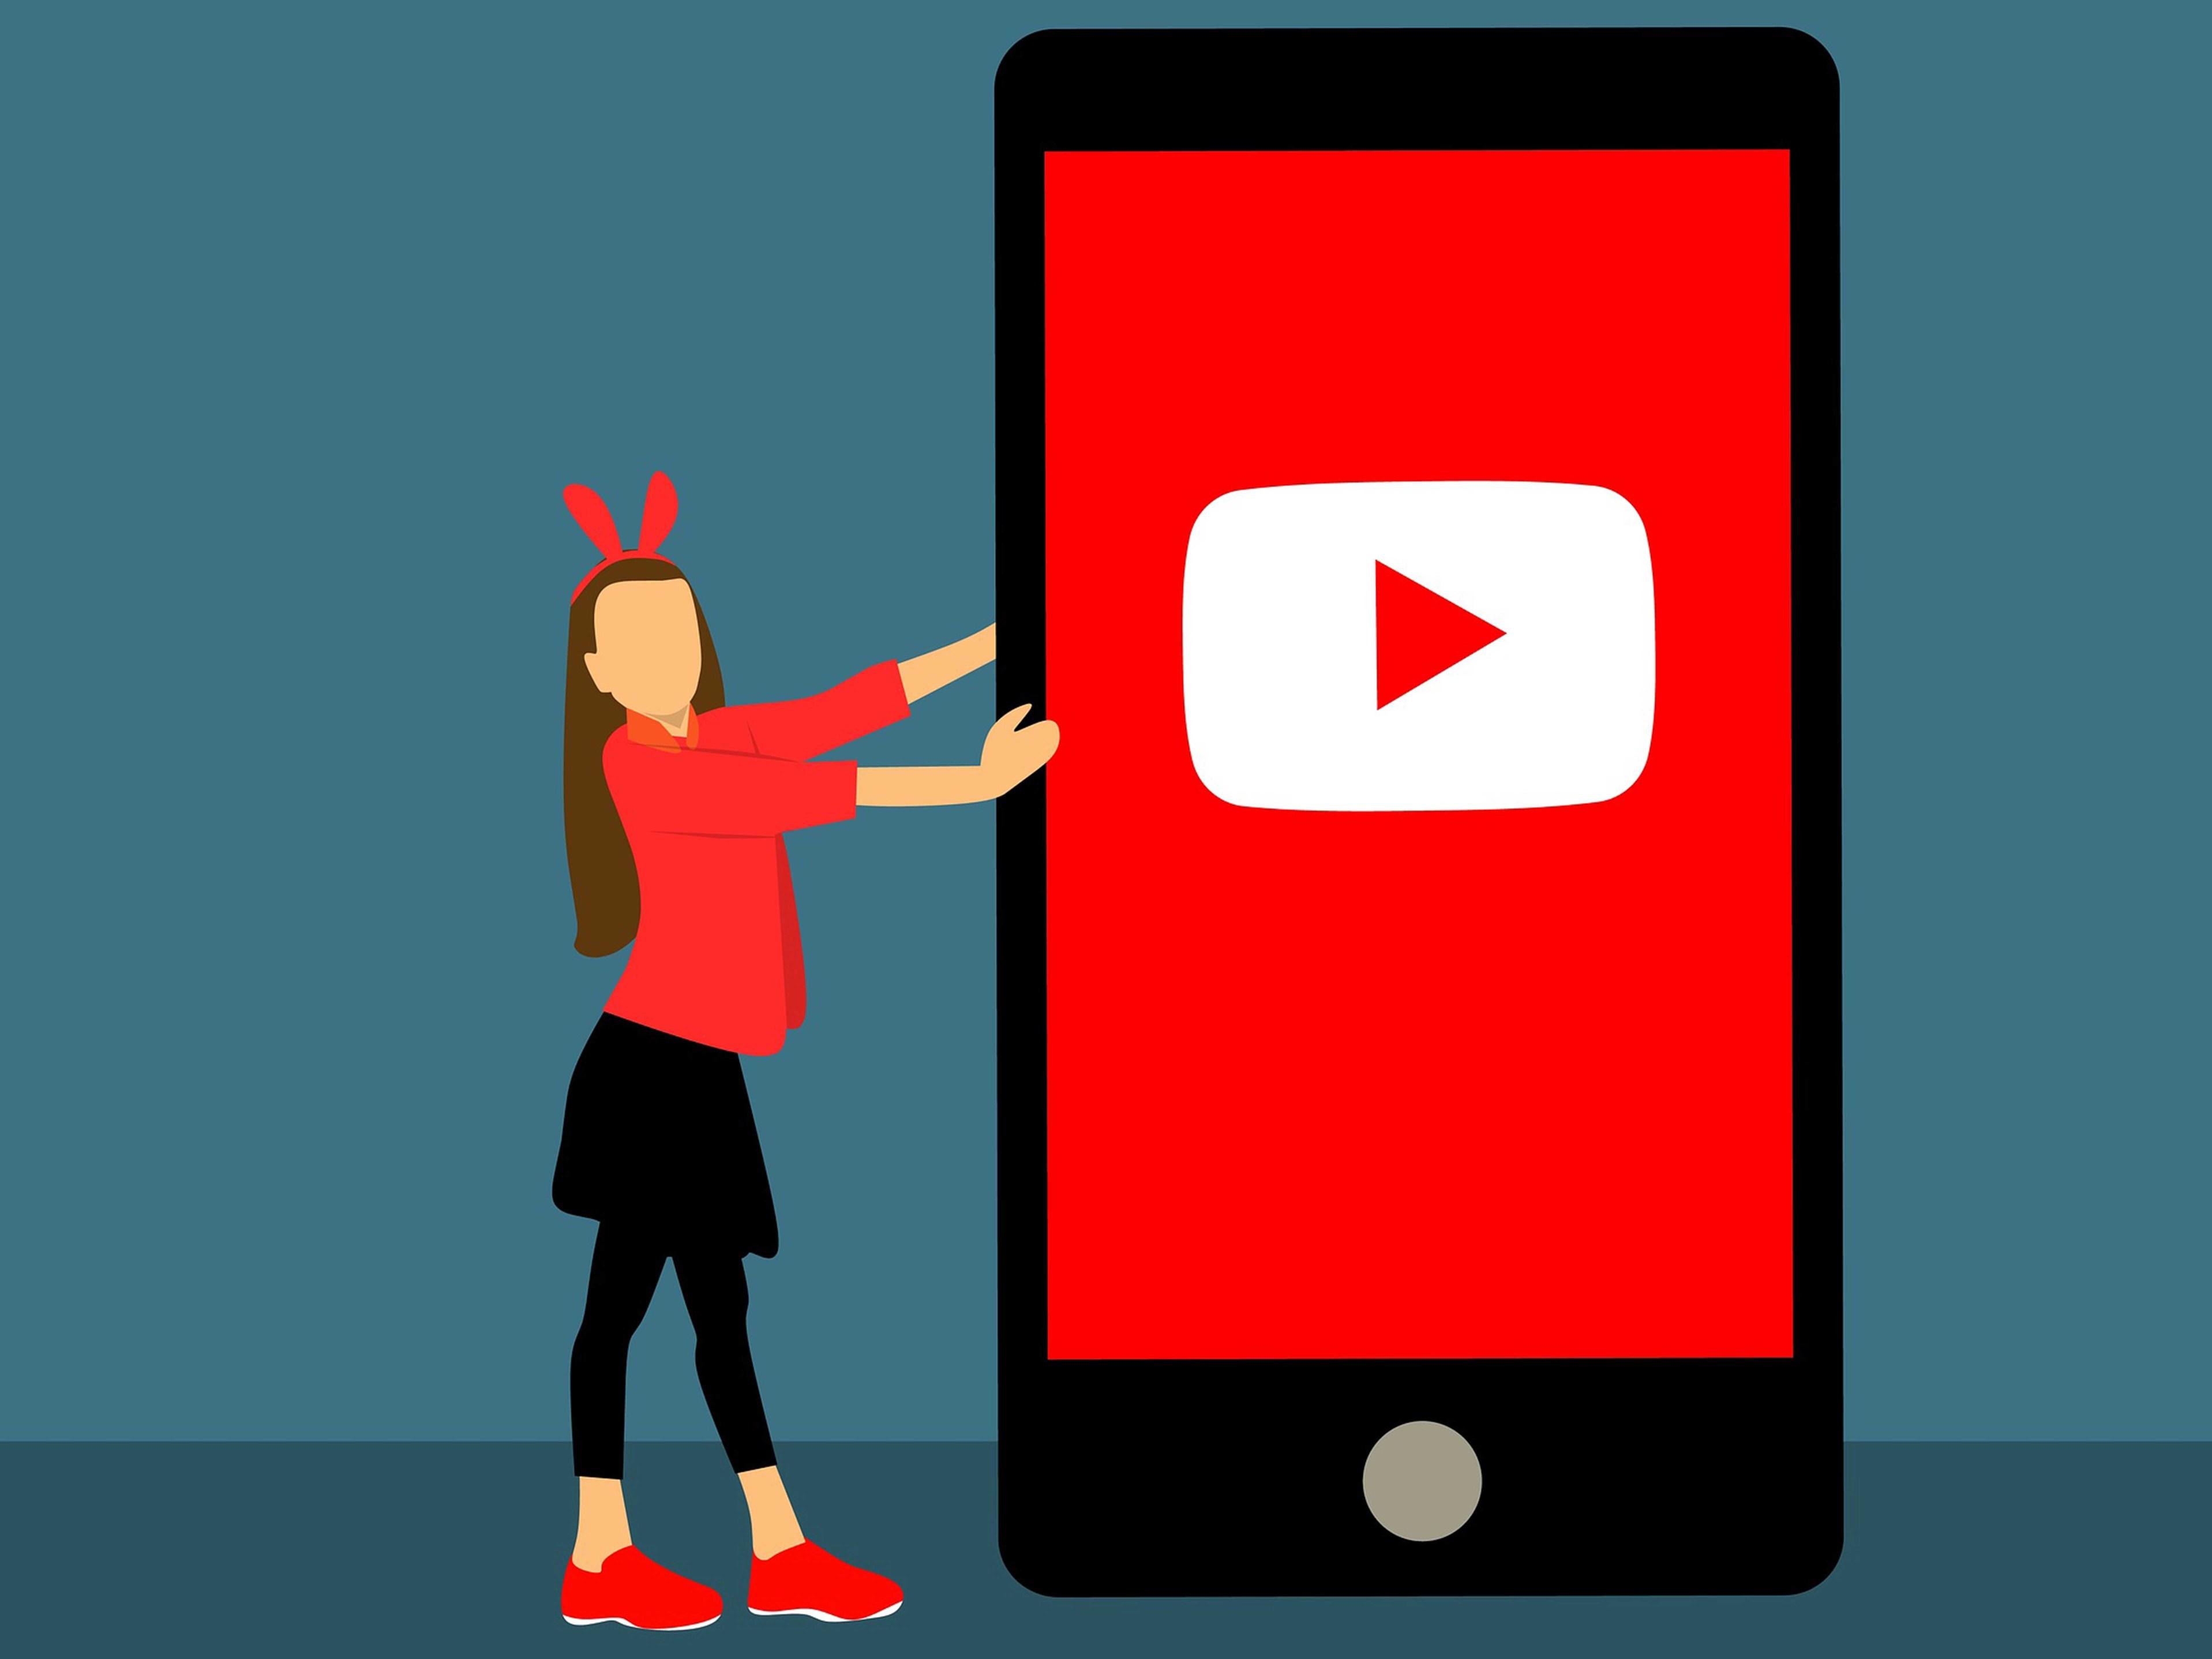 【台灣YouTuber Top 50名單】2019年第一季揭曉:8位YouTuber晉升Top 50名單,理科太太竄升速度驚人!